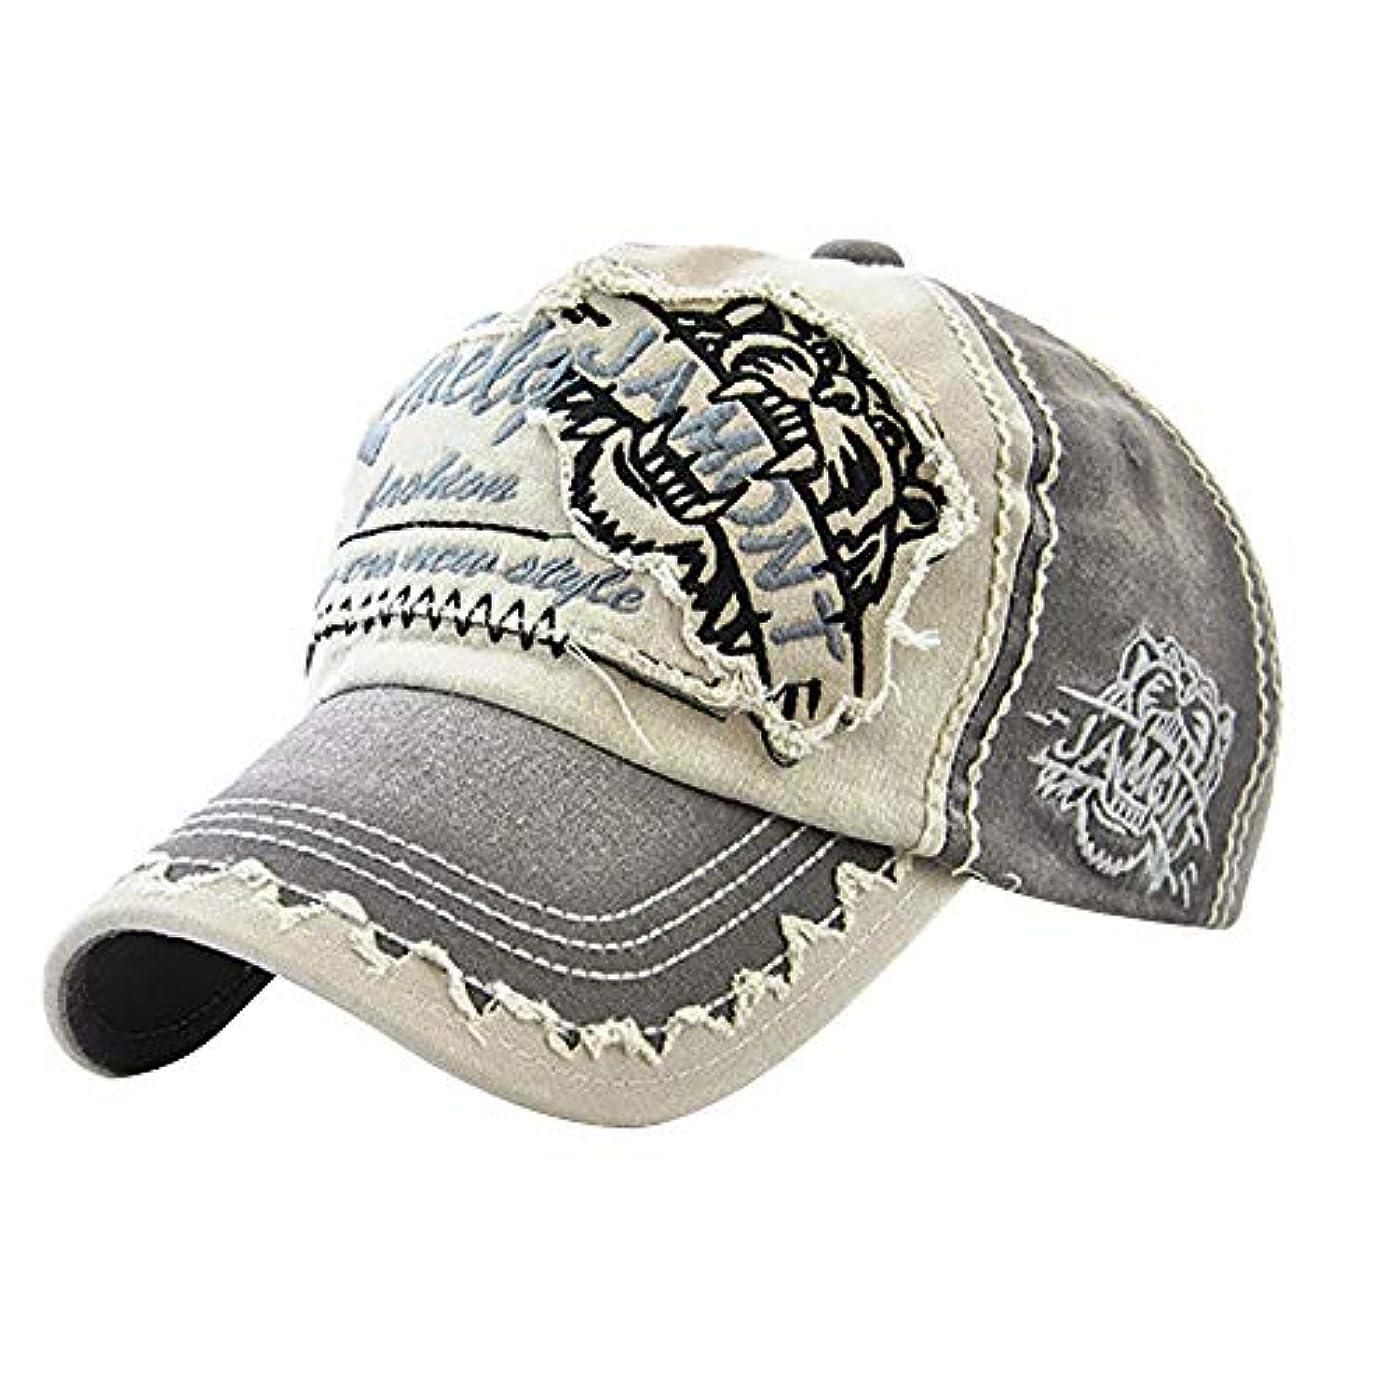 第四傘中庭Racazing パッチワーク 野球帽 ヒップホップ メンズ 夏 登山 帽子メッシュ 可調整可能 プラスベルベット 棒球帽 UV 帽子 軽量 屋外 Unisex 鸭舌帽 Hat Cap